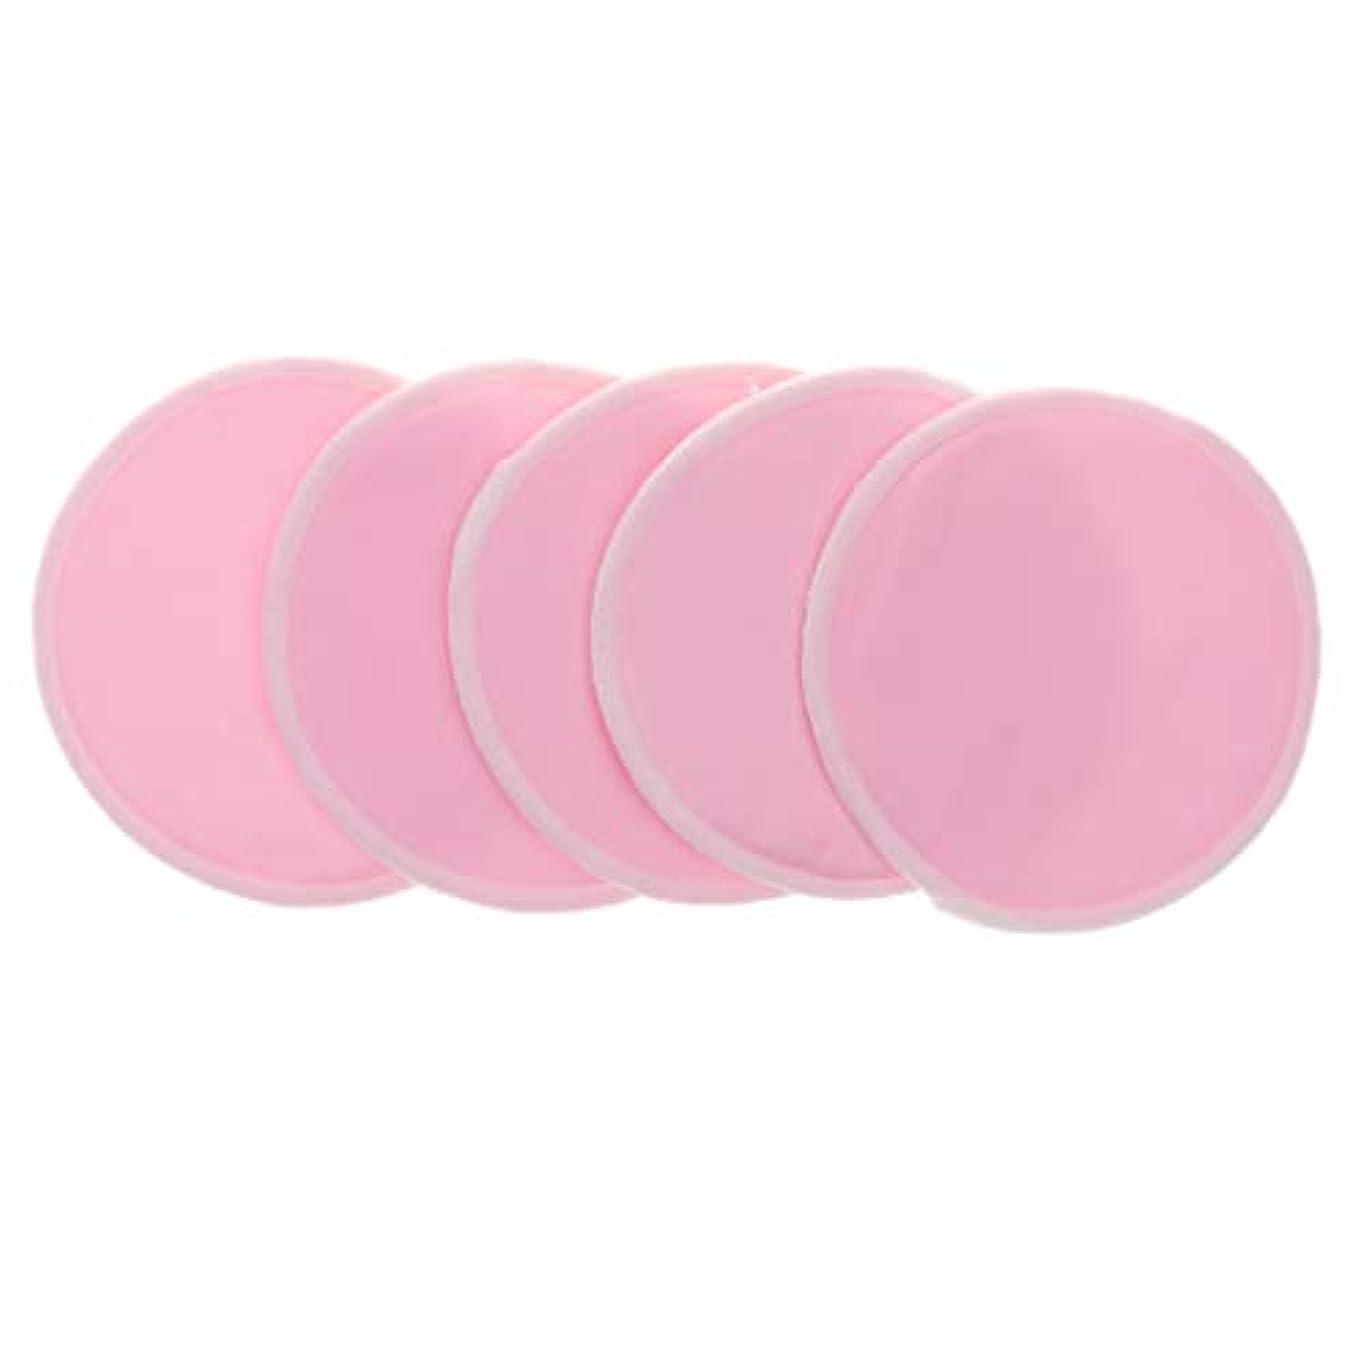 音声副産物私達D DOLITY 胸パッド クレンジングシート メイクアップ 竹繊維 円形 12cm 洗濯可能 再使用可 5個 全5色 - ピンク